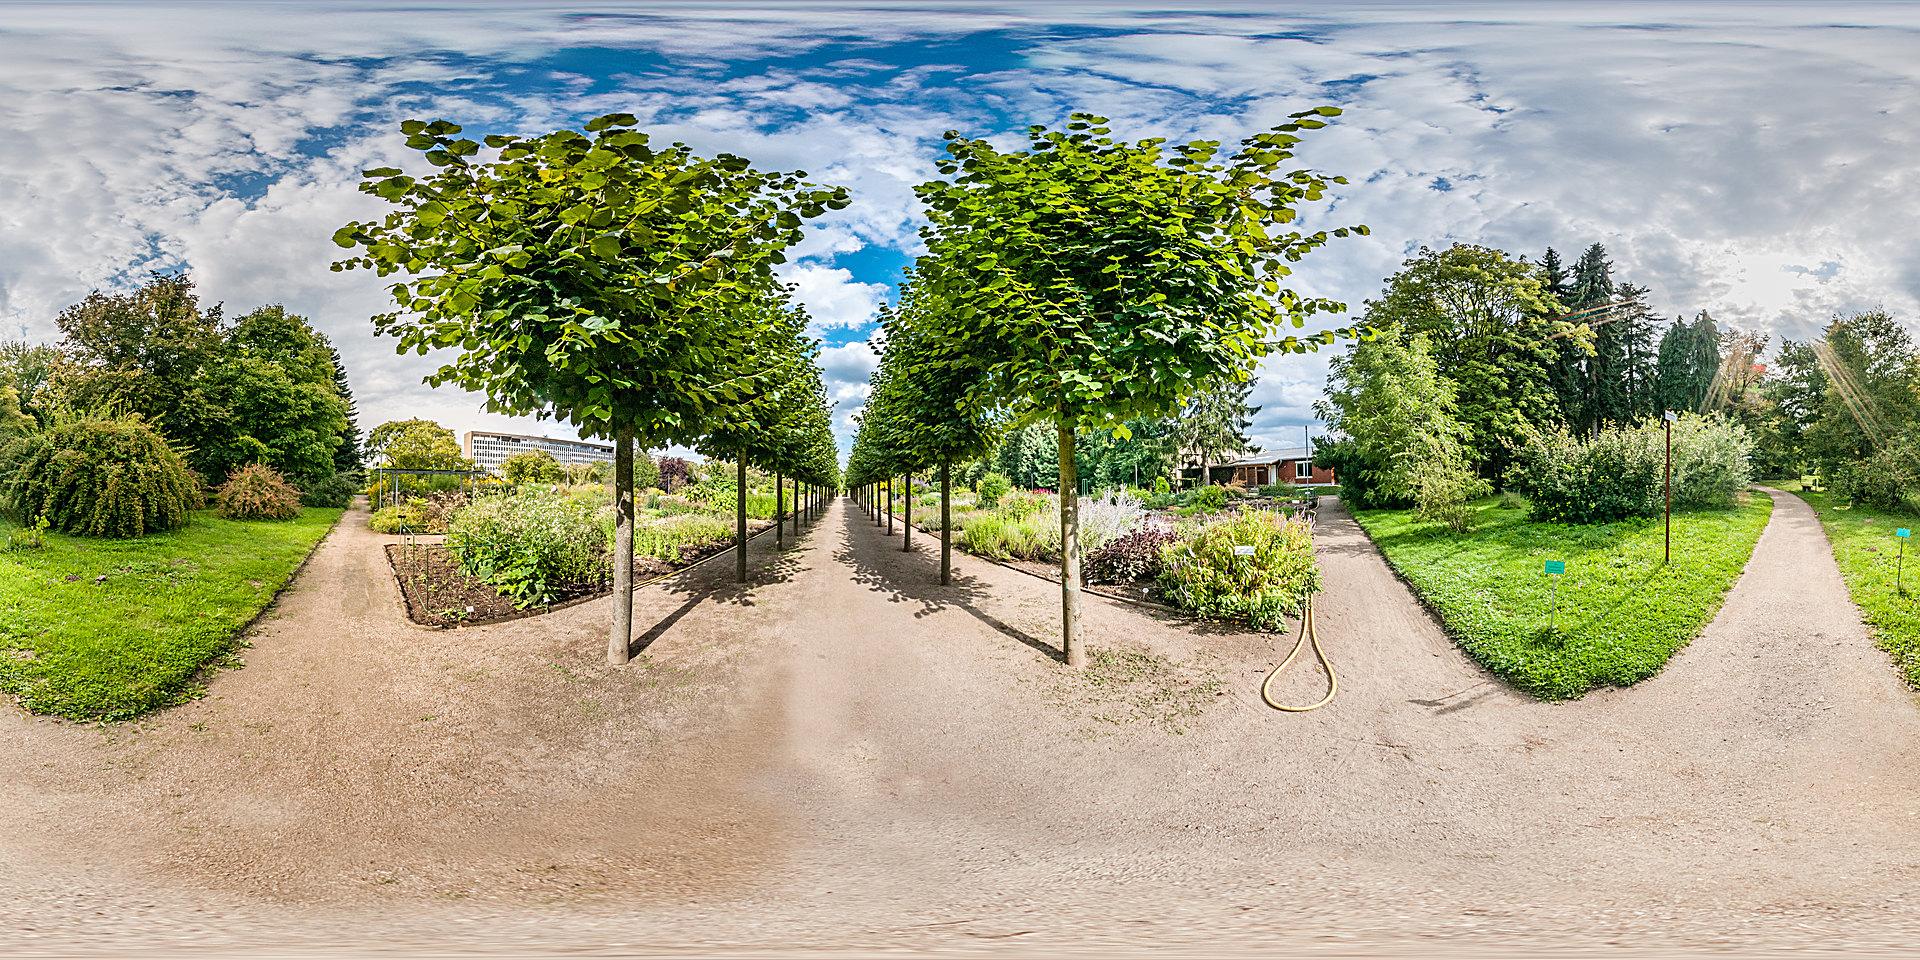 Botanischer garten mainz panorama fotos - Garten fotos ...